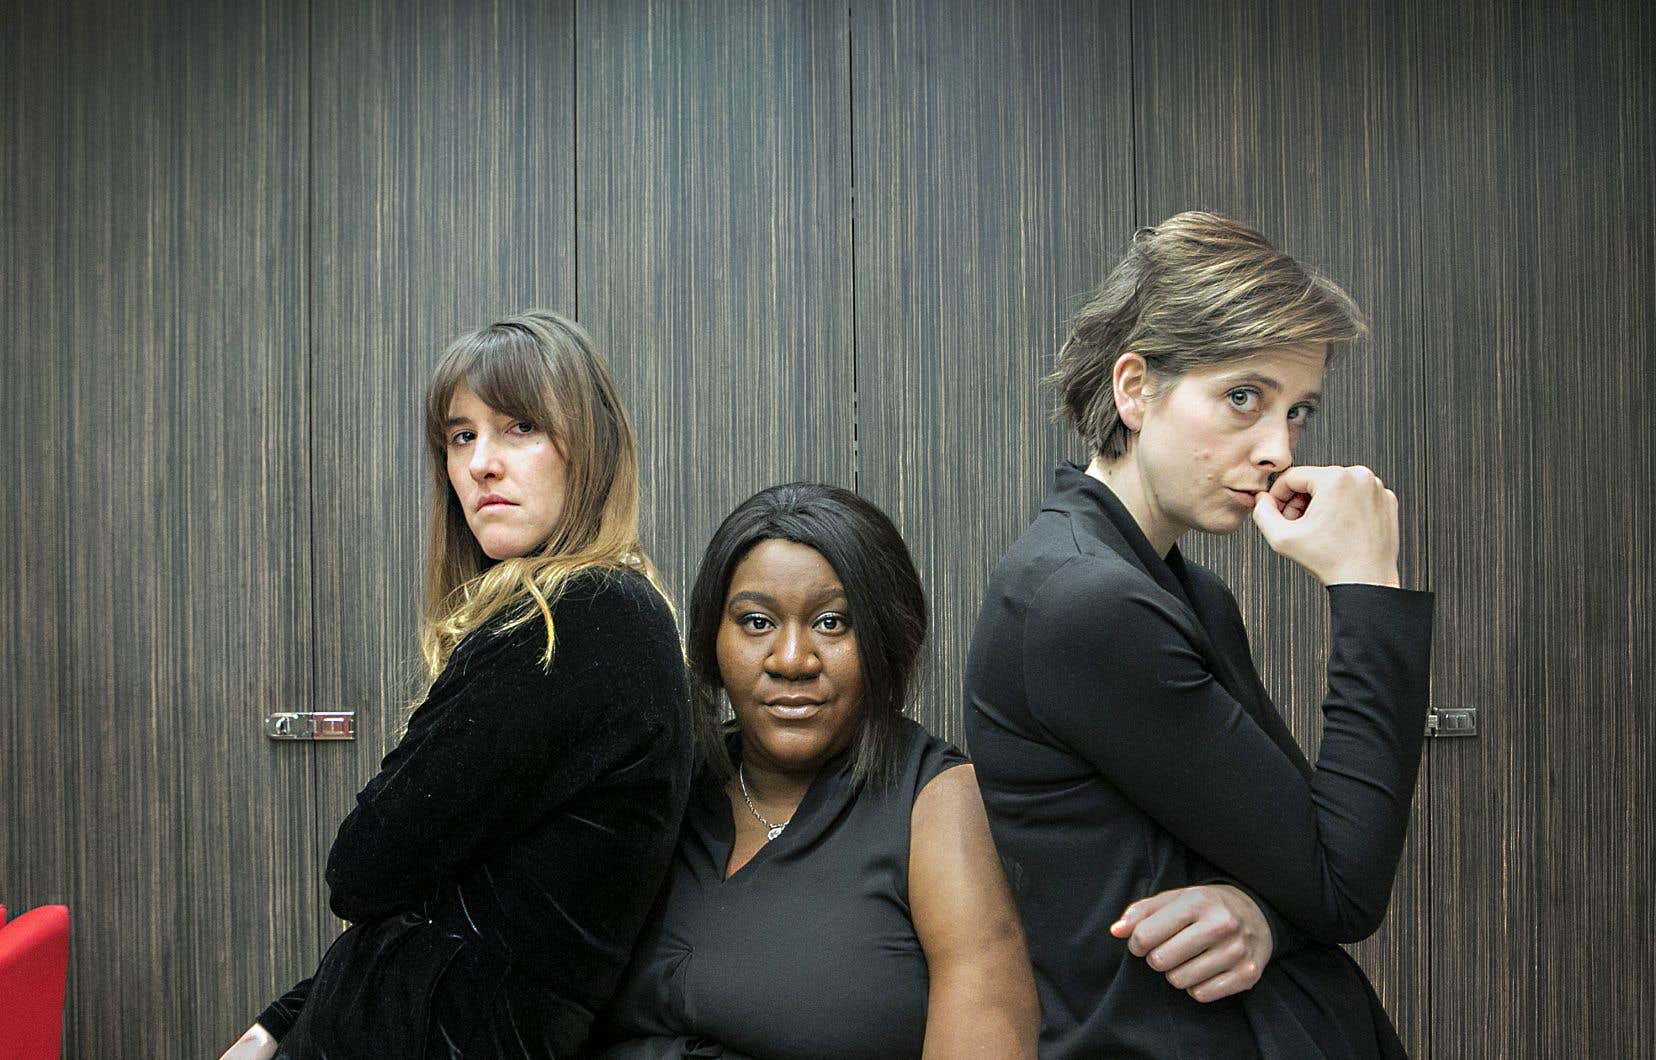 Ada (Florence Longpré), Fabiola (Mélissa Bédard) et Carolanne (Ève Landry) naviguent dans un univers dur où s'entremêlent une pauvreté crasse et une violence insidieuse, mais aussi une empathie désarmante et un humour décapant.